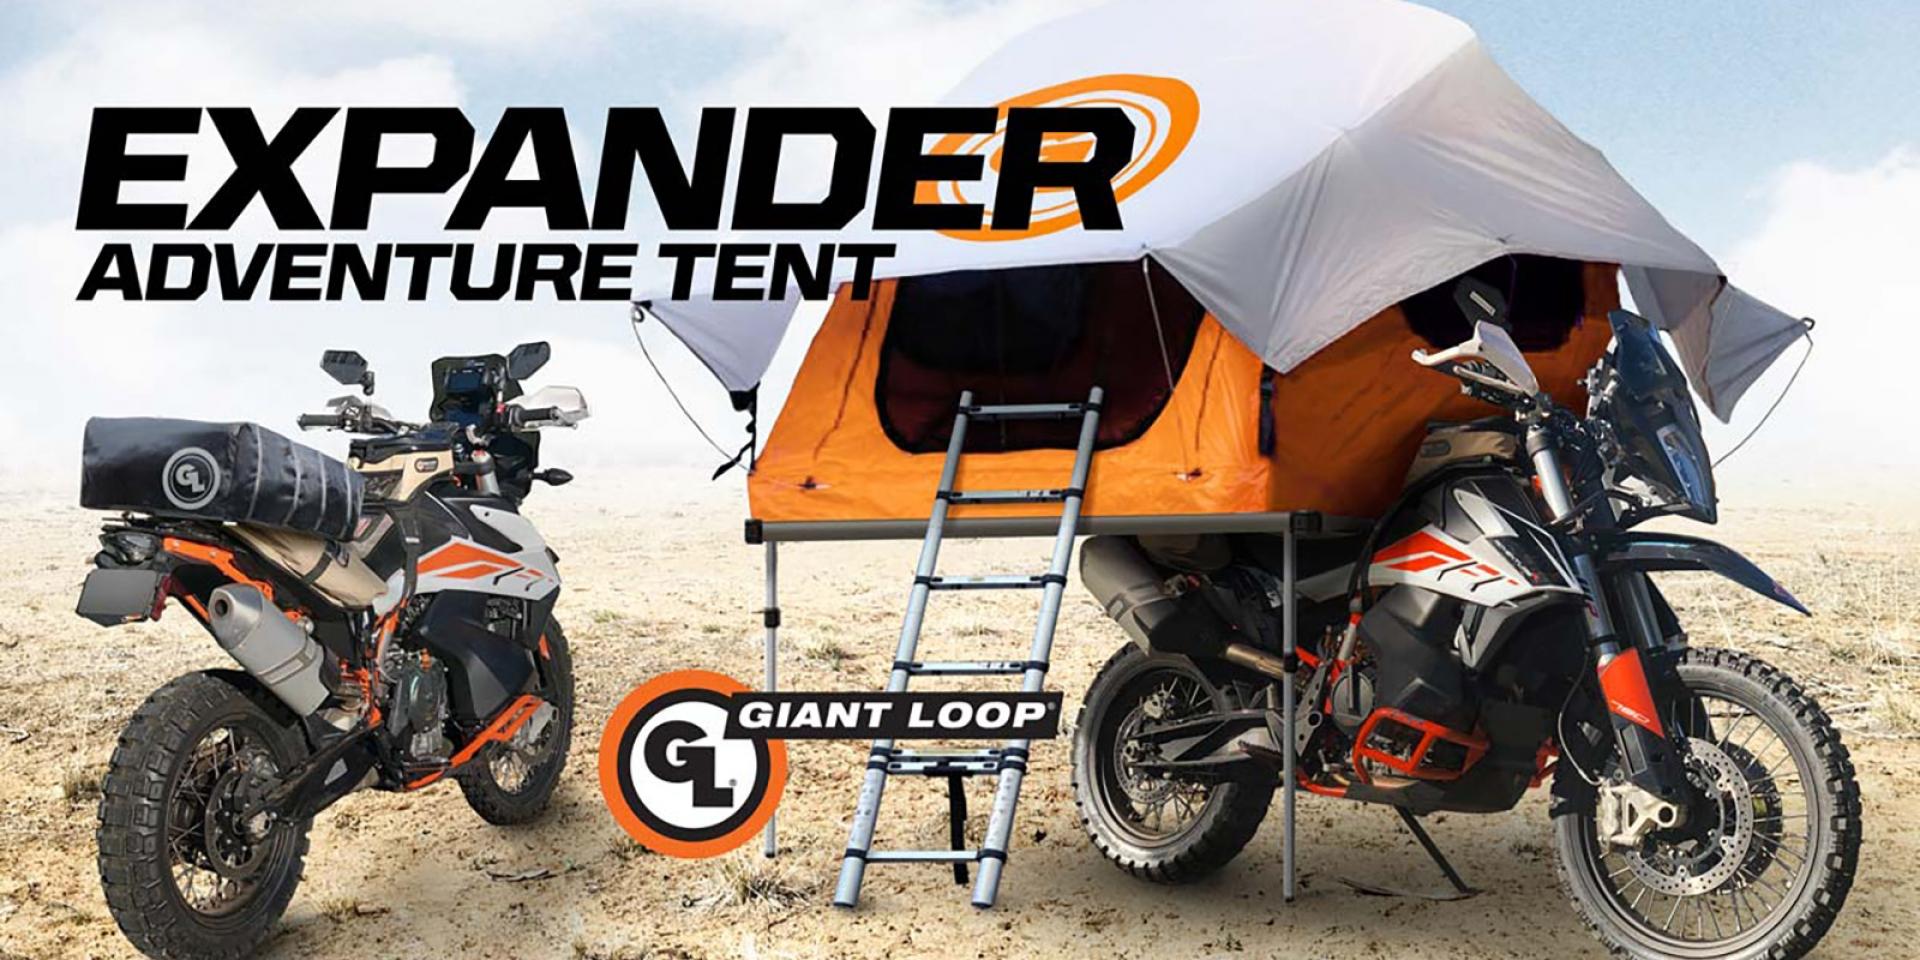 避免出遊群聚感染就騎車去露營吧!Giant Loop推出機車帳篷概念產品